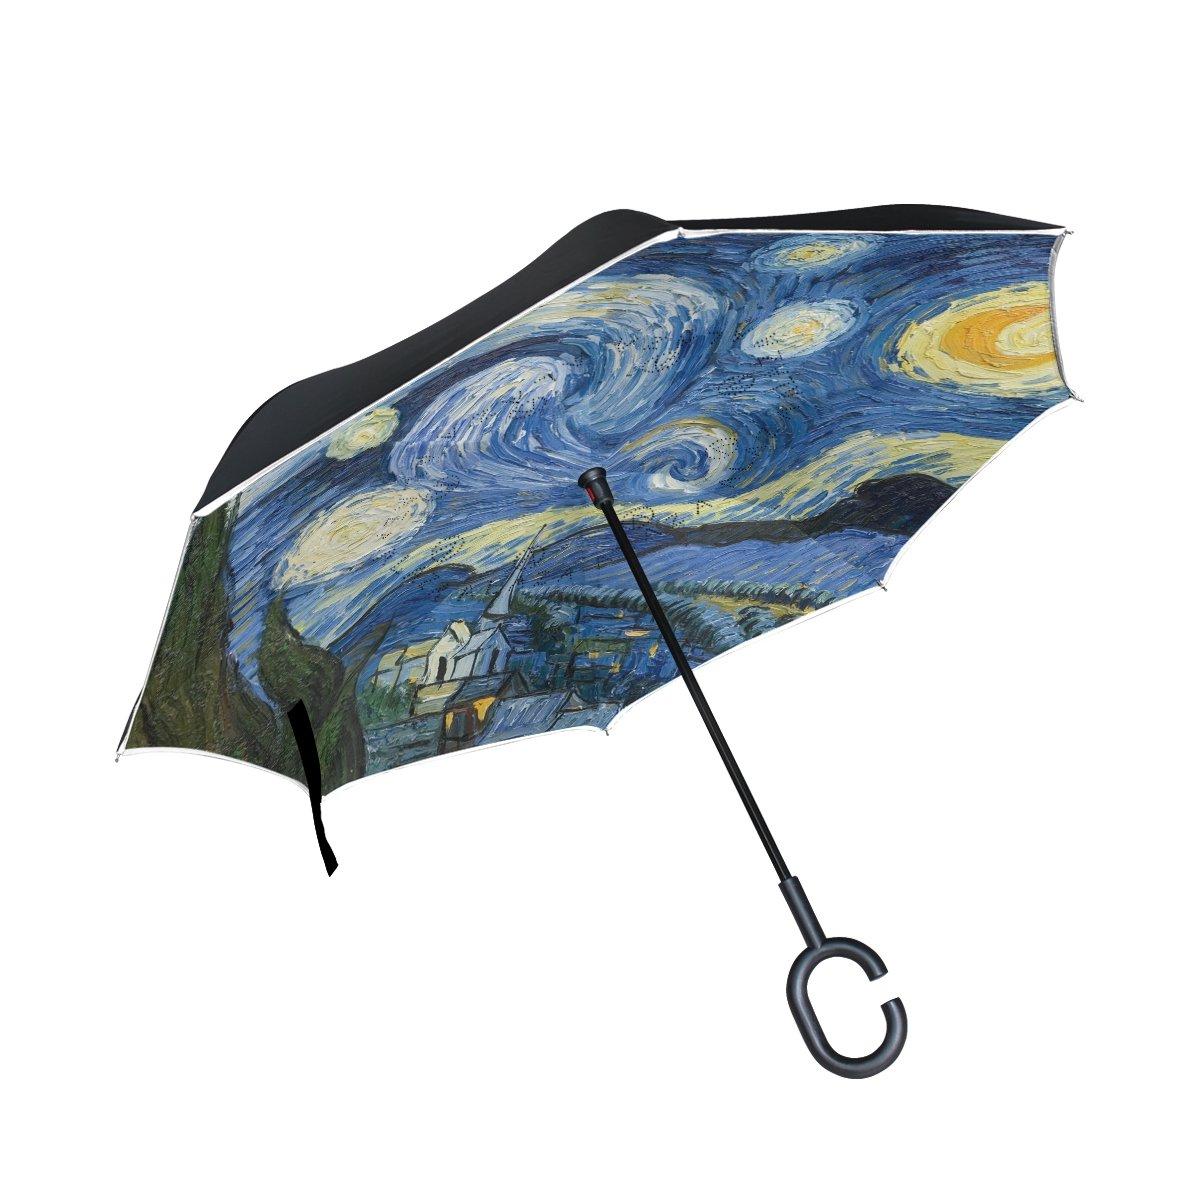 ALAZA Doppio strato invertito Umbrella Umbrella Auto Reverse Notte stellata della pittura a olio antivento UV Proof di corsa esterna Umbrella My Daily